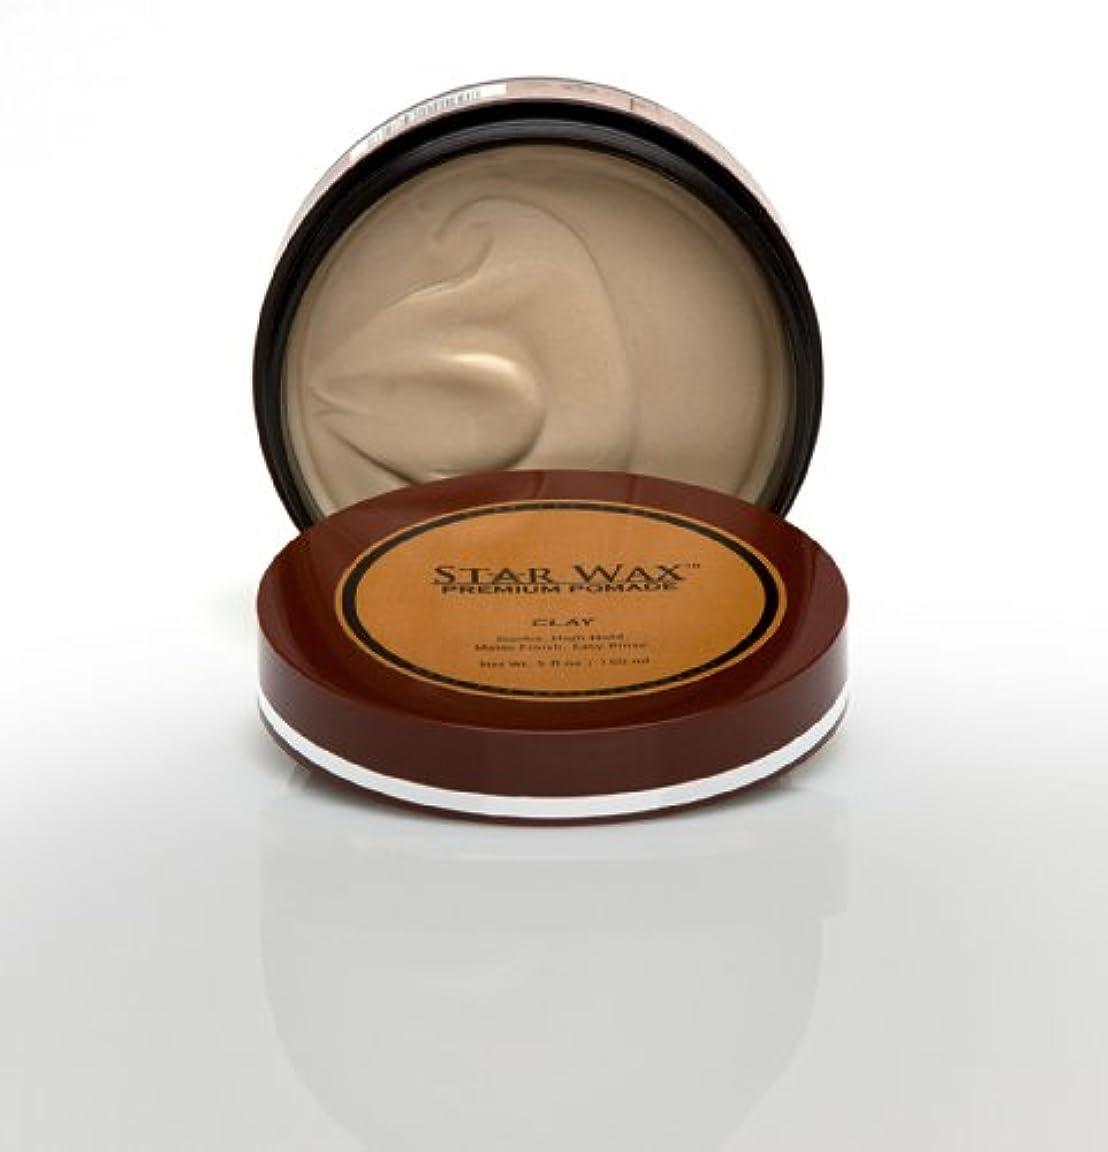 サークル分析的ダイアクリティカルStar Wax | Premium Pomade, Clay(スターワックスプレミアム ポマード「クレイ」)?Star Pro Line(スタープロライン)製?5(液量)オンス/150ml